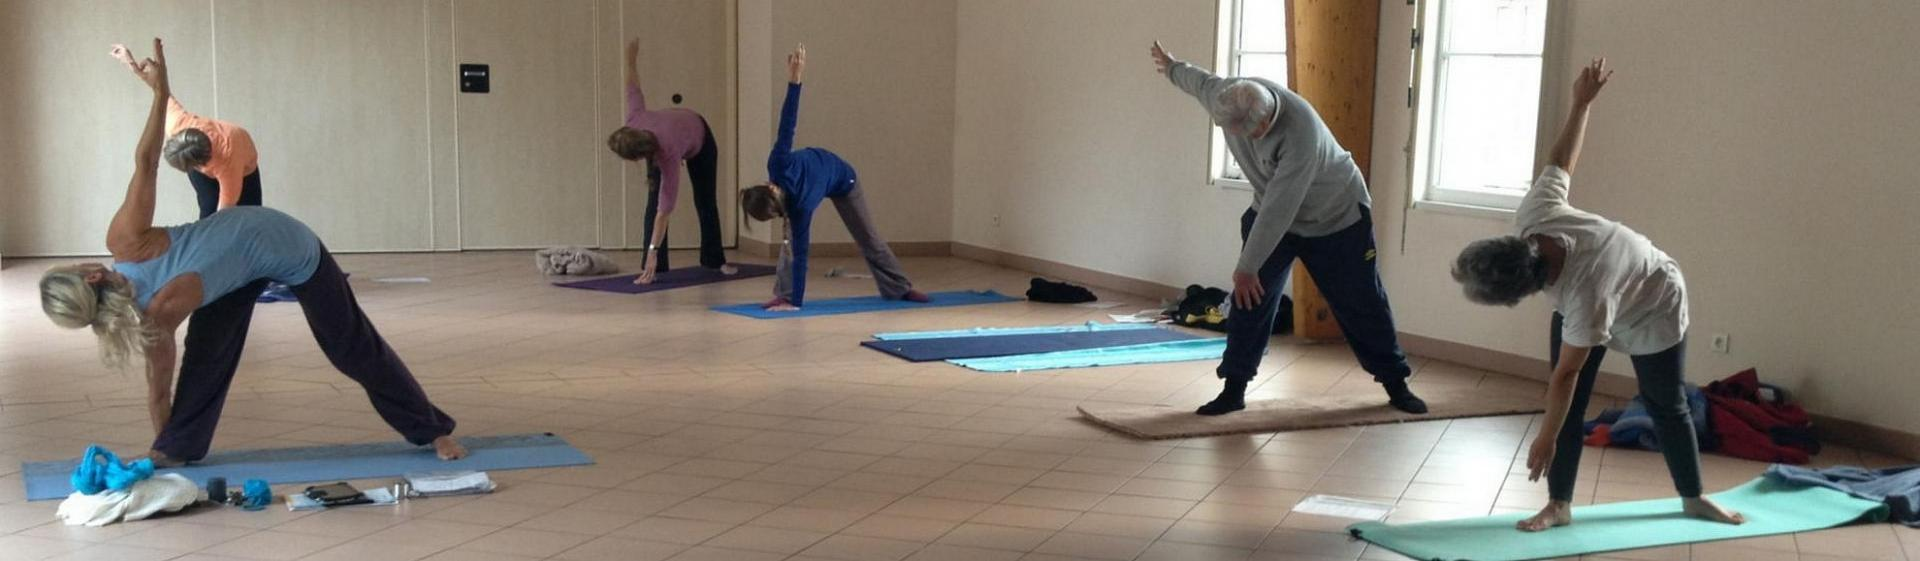 Esf77 yoga 1